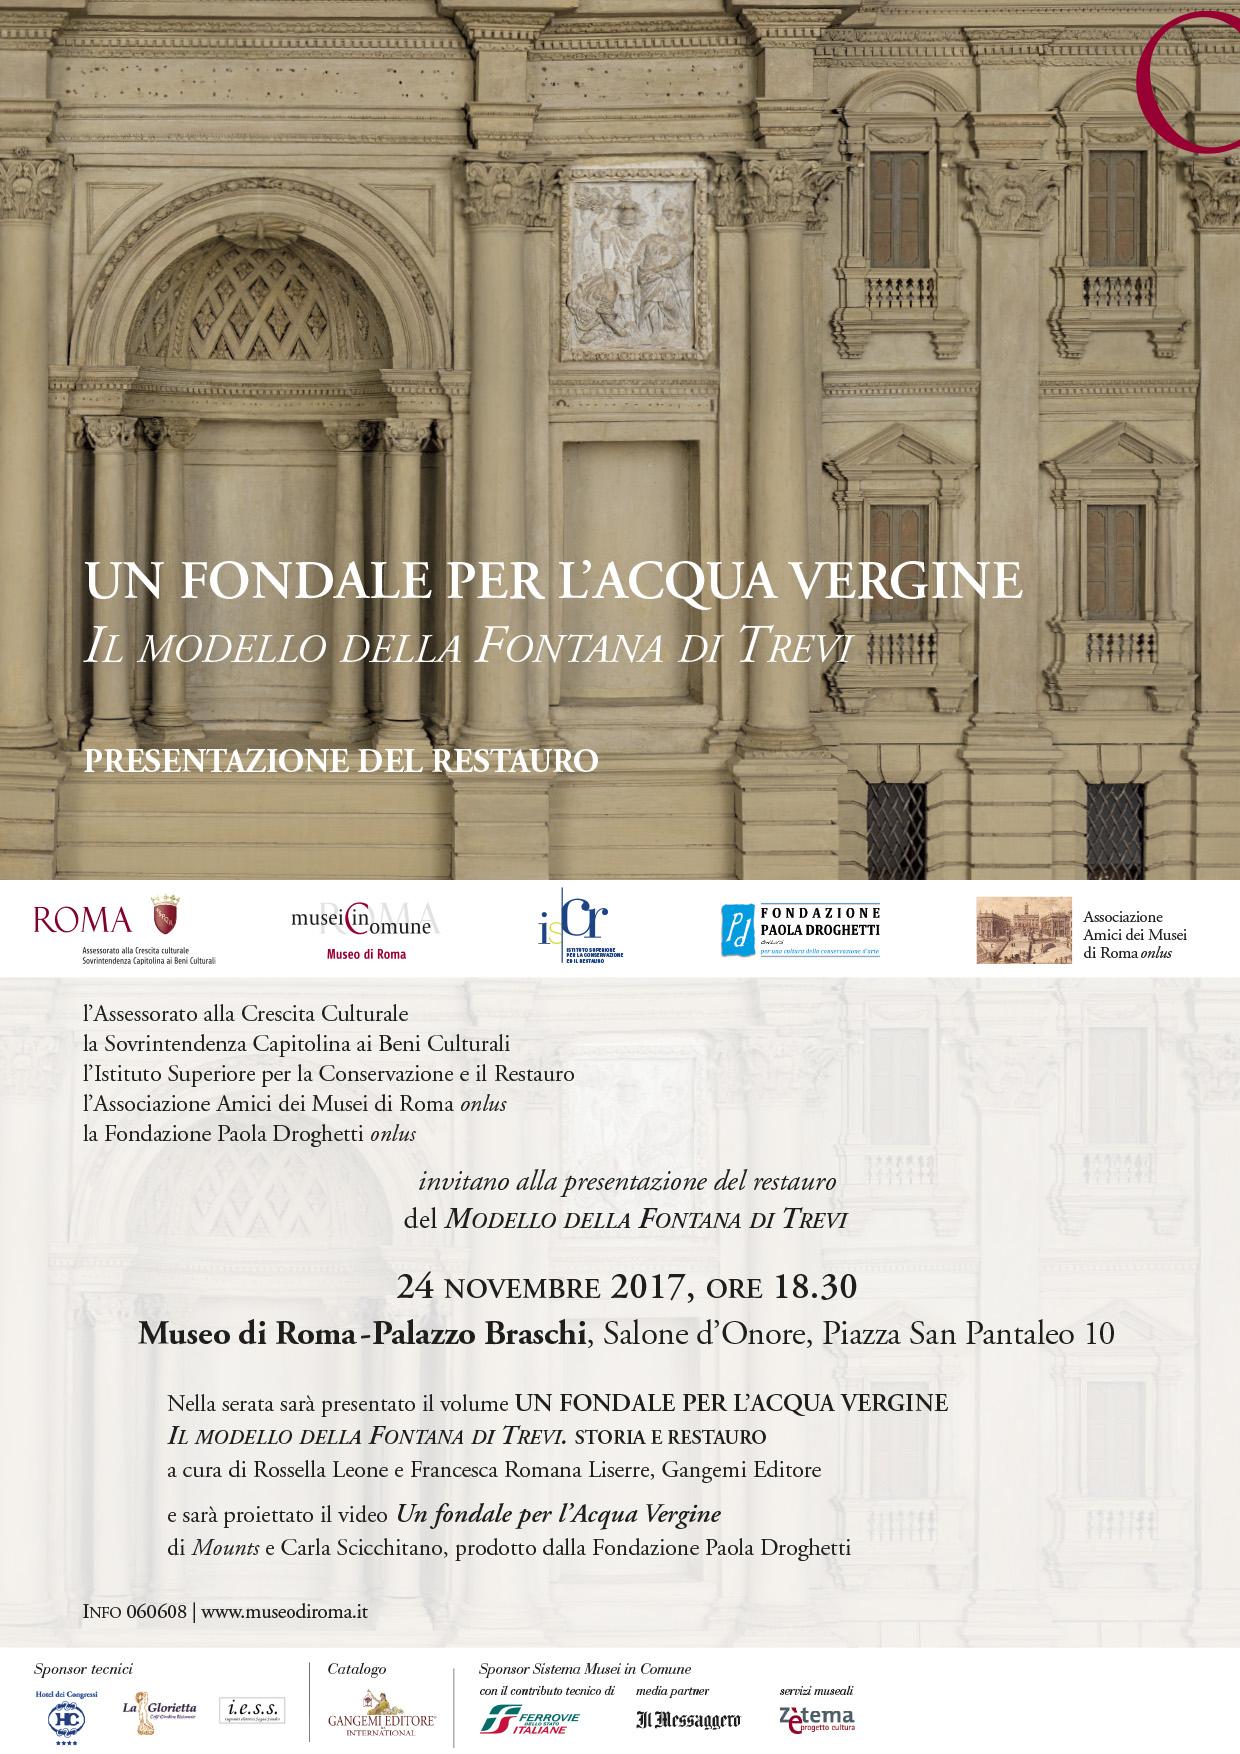 Invito al Museo di Roma ven 24 nov ore 18:30